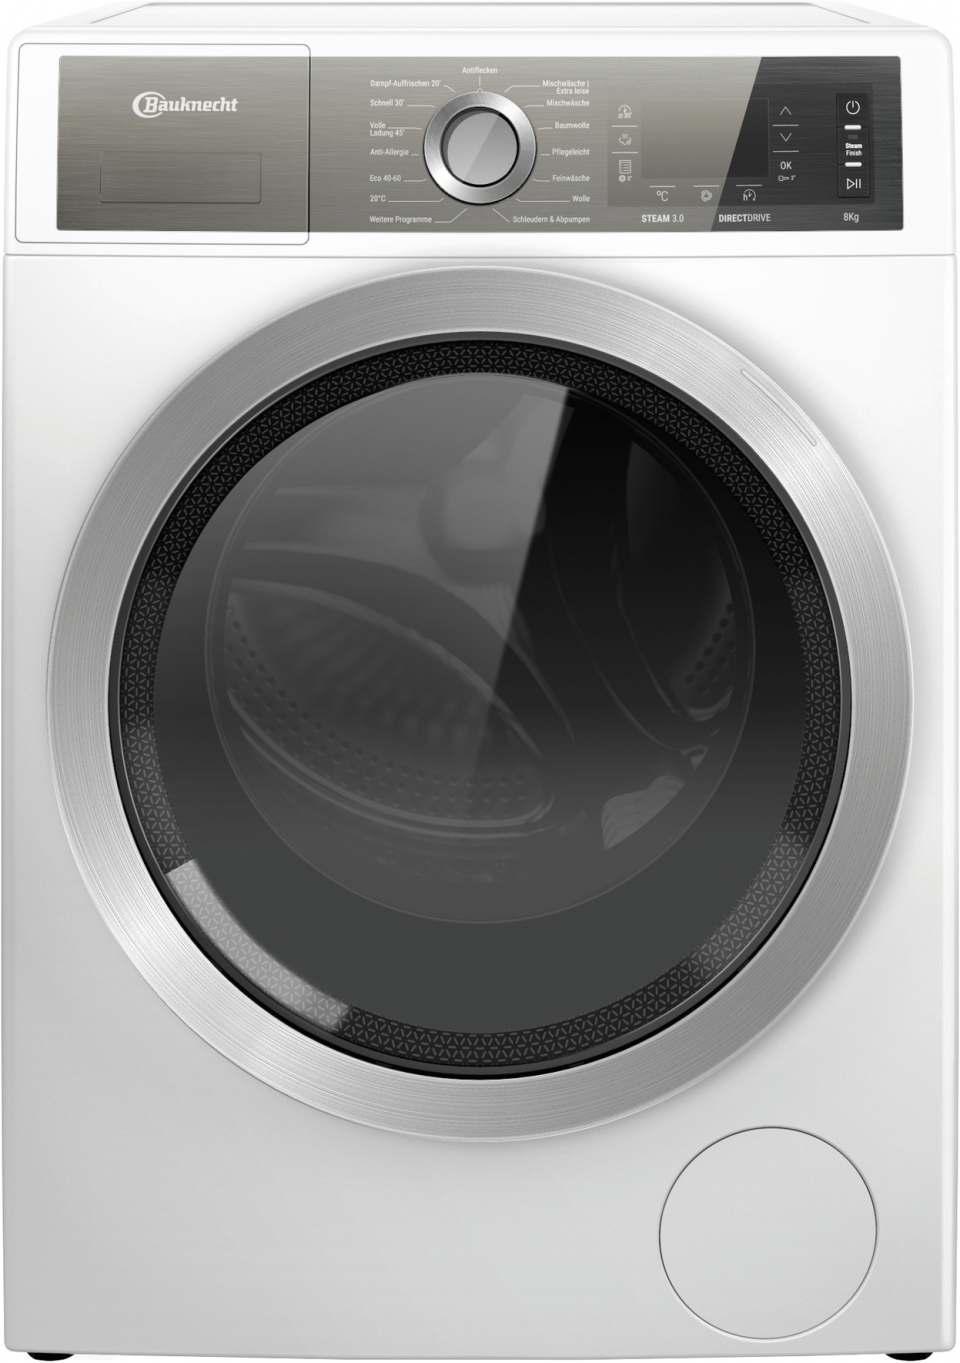 Bauknecht Waschmaschine GentlePower B6 W845WB DE mit GentlePower-